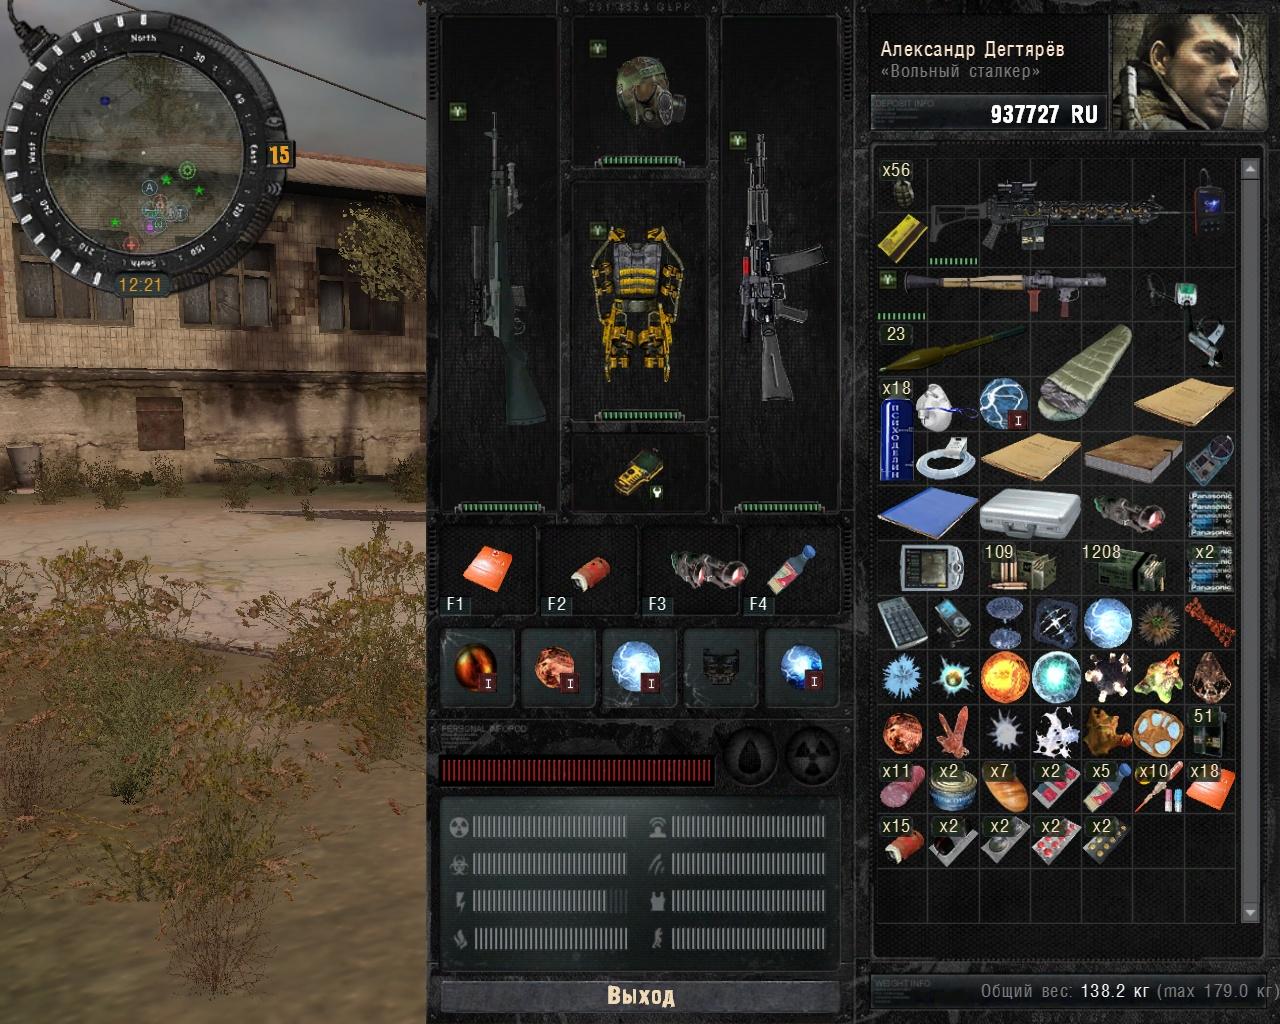 Отреть видео про игру сталкер зов припяти тайники фото 459-40